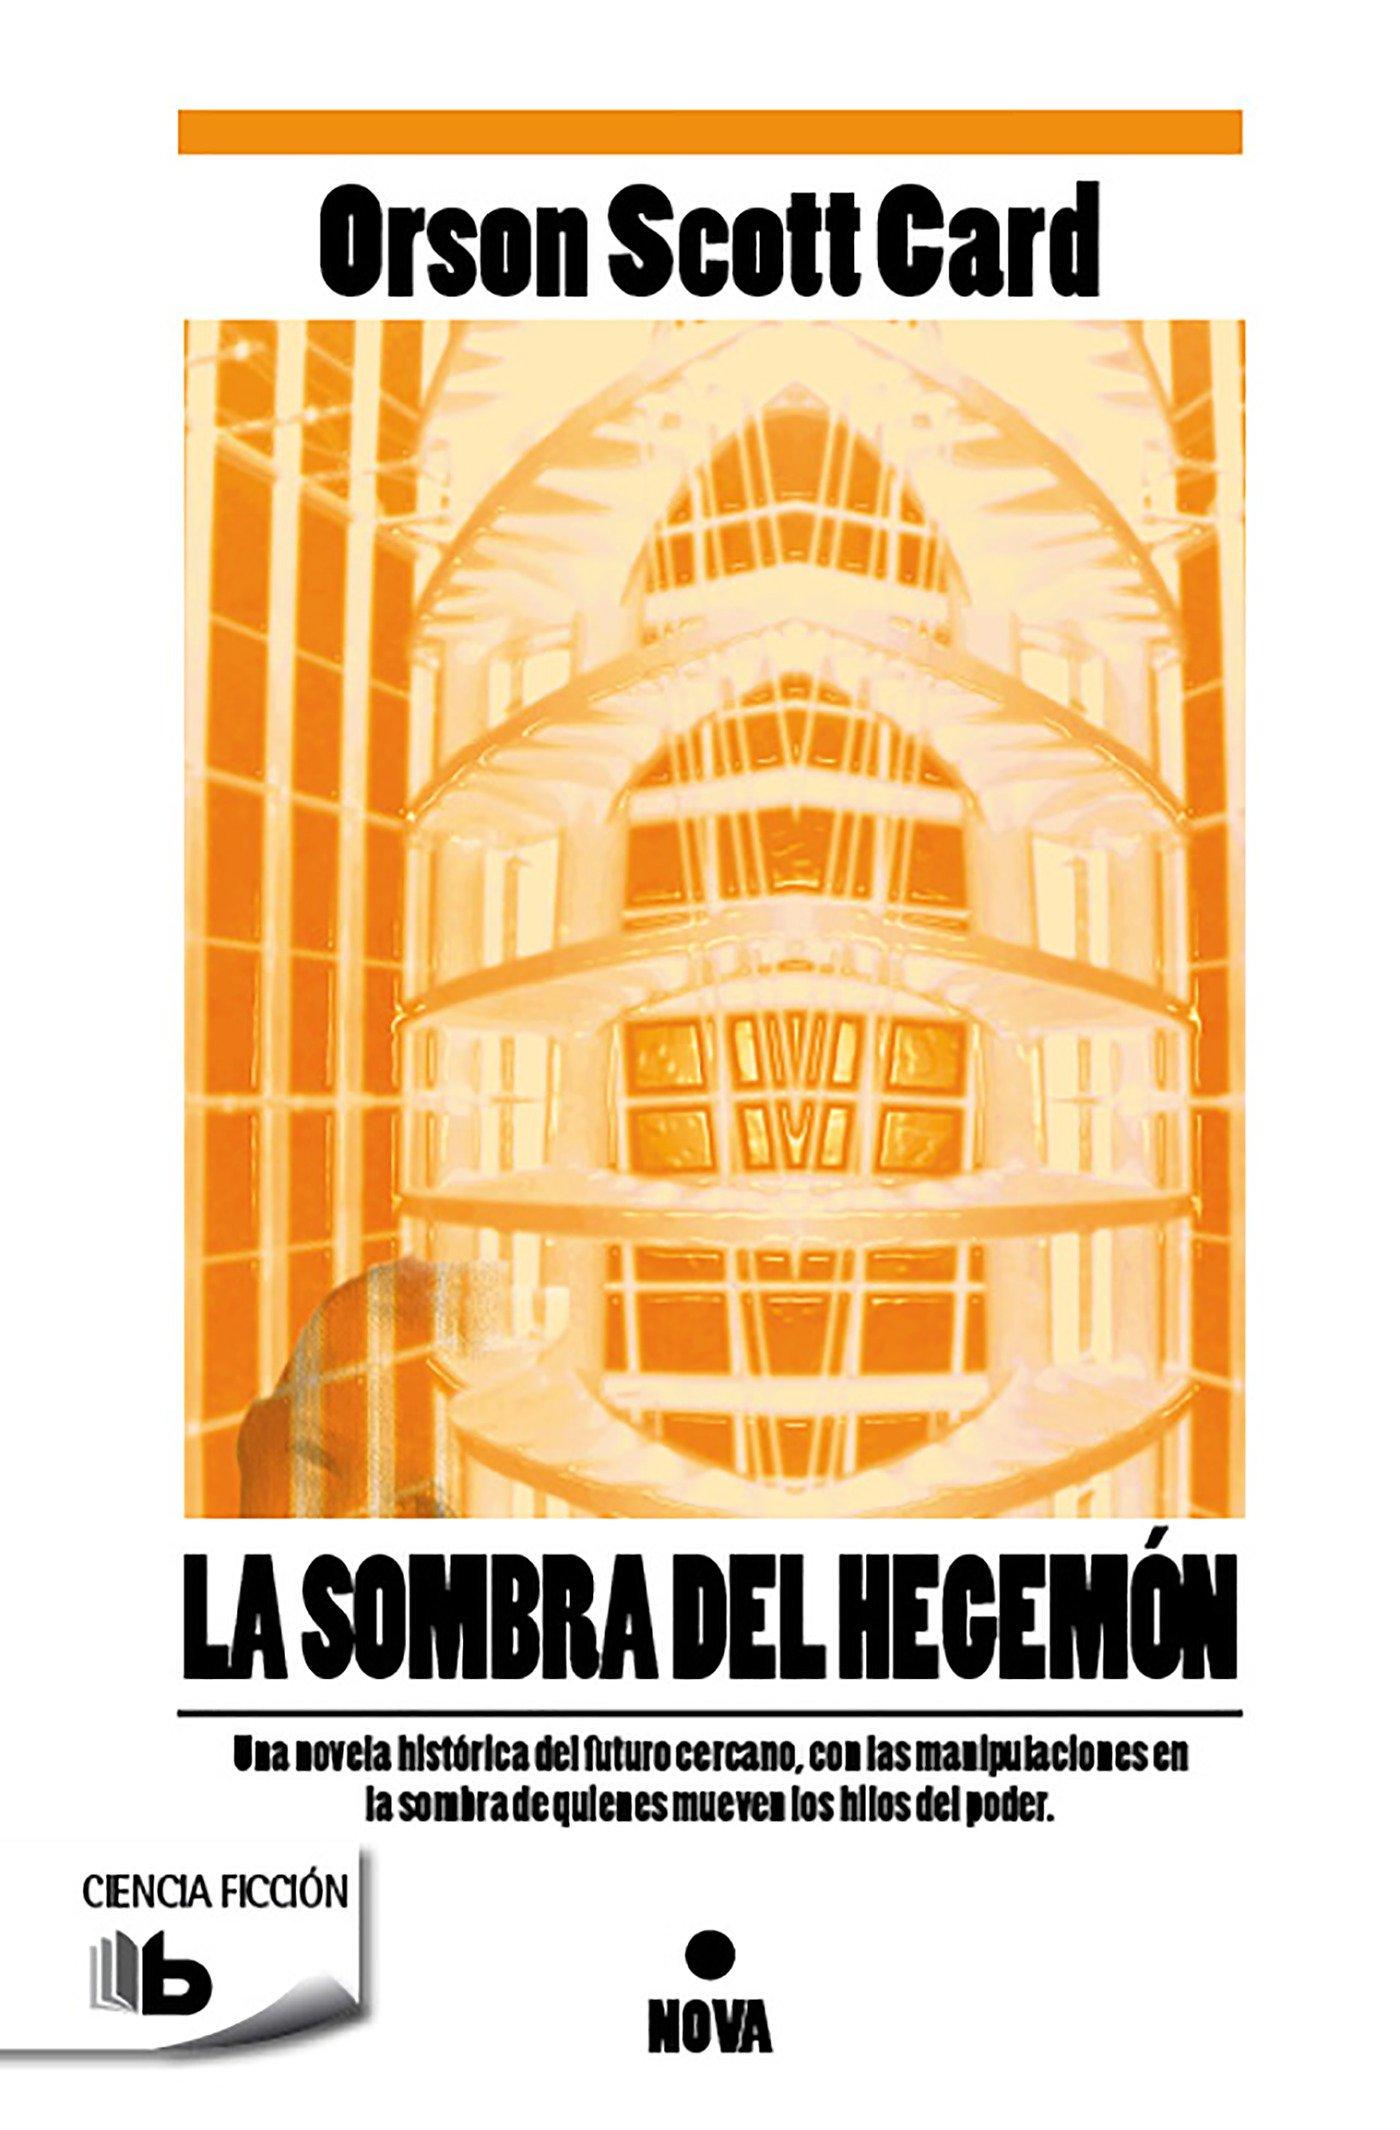 La sombra de Hegemon (Saga de la Sombra 2) (B DE BOLSILLO) Tapa blanda – 12 feb 2014 Orson Scott Card 8498729092 Science fiction. Wiggin